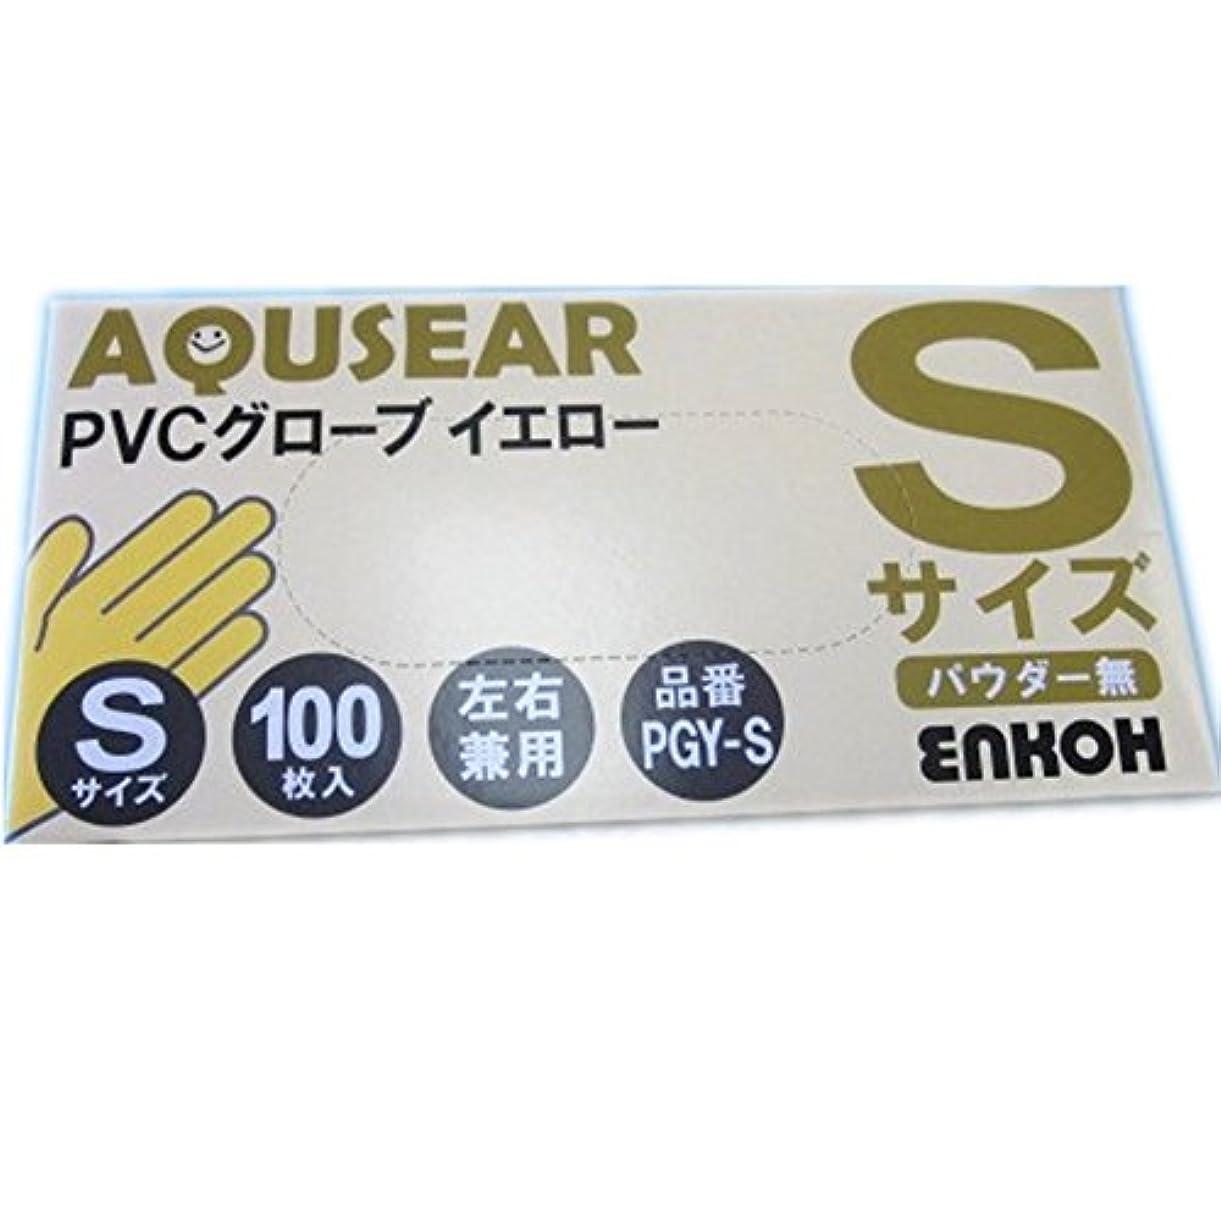 無数の取得する醜いAQUSEAR PVC プラスチックグローブ イエロー 弾性 Sサイズ パウダー無 PGY-S 100枚×20箱